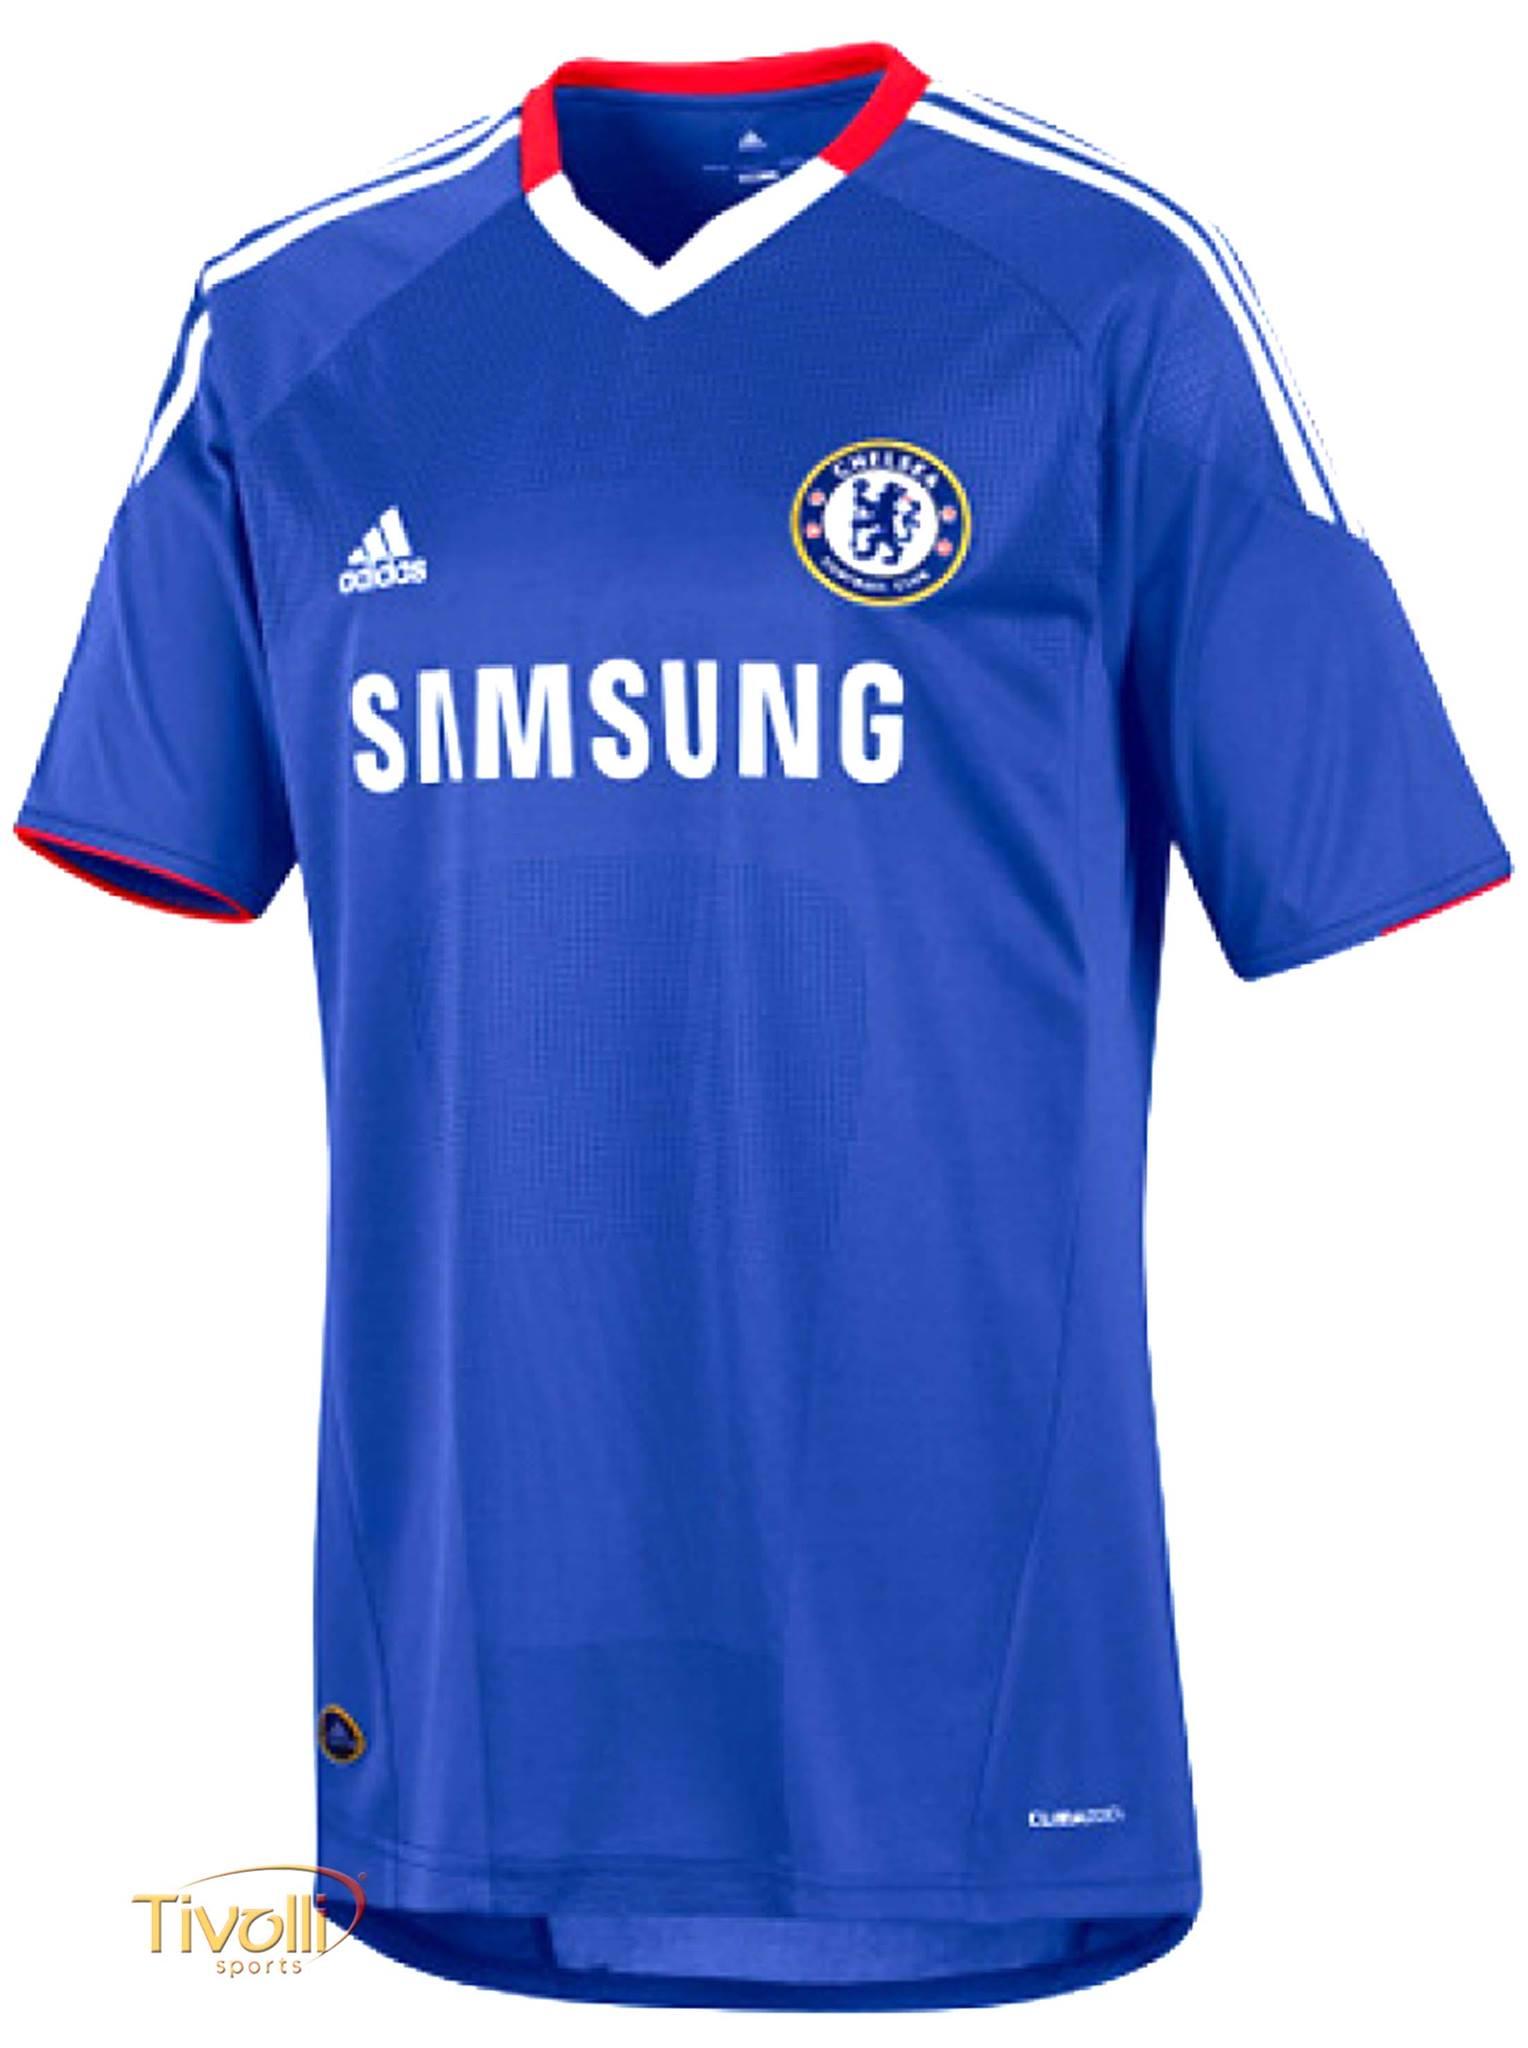 525475128e1f2 Black Friday - Camisa Chelsea I Home 2010/2011 Adidas Azul, Vermelha e  Branca